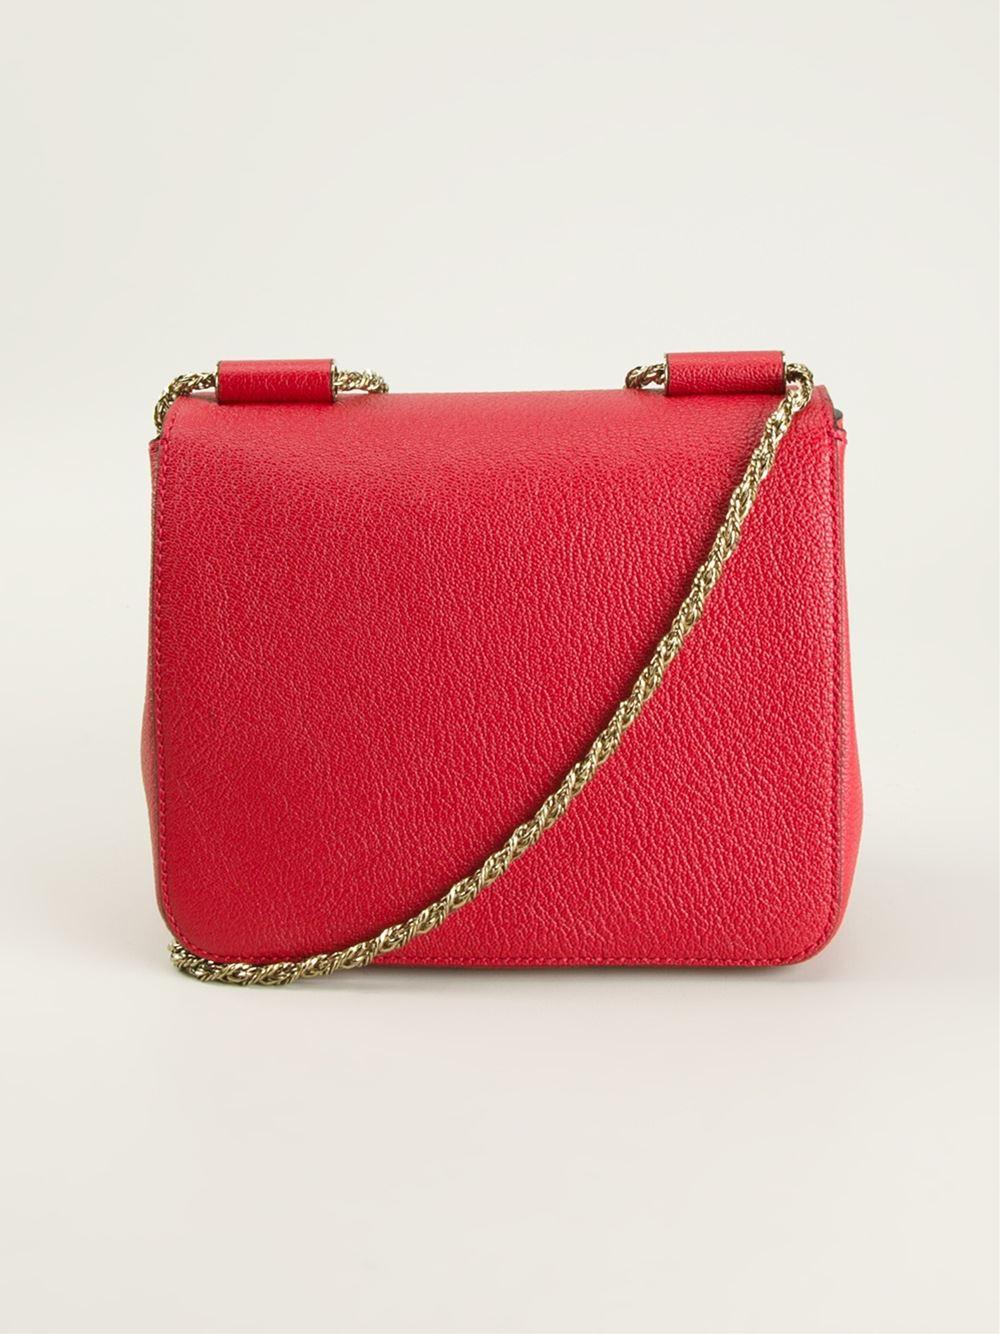 Chlo¨¦ Small \u0026#39;Elsie\u0026#39; Shoulder Bag in Red   Lyst